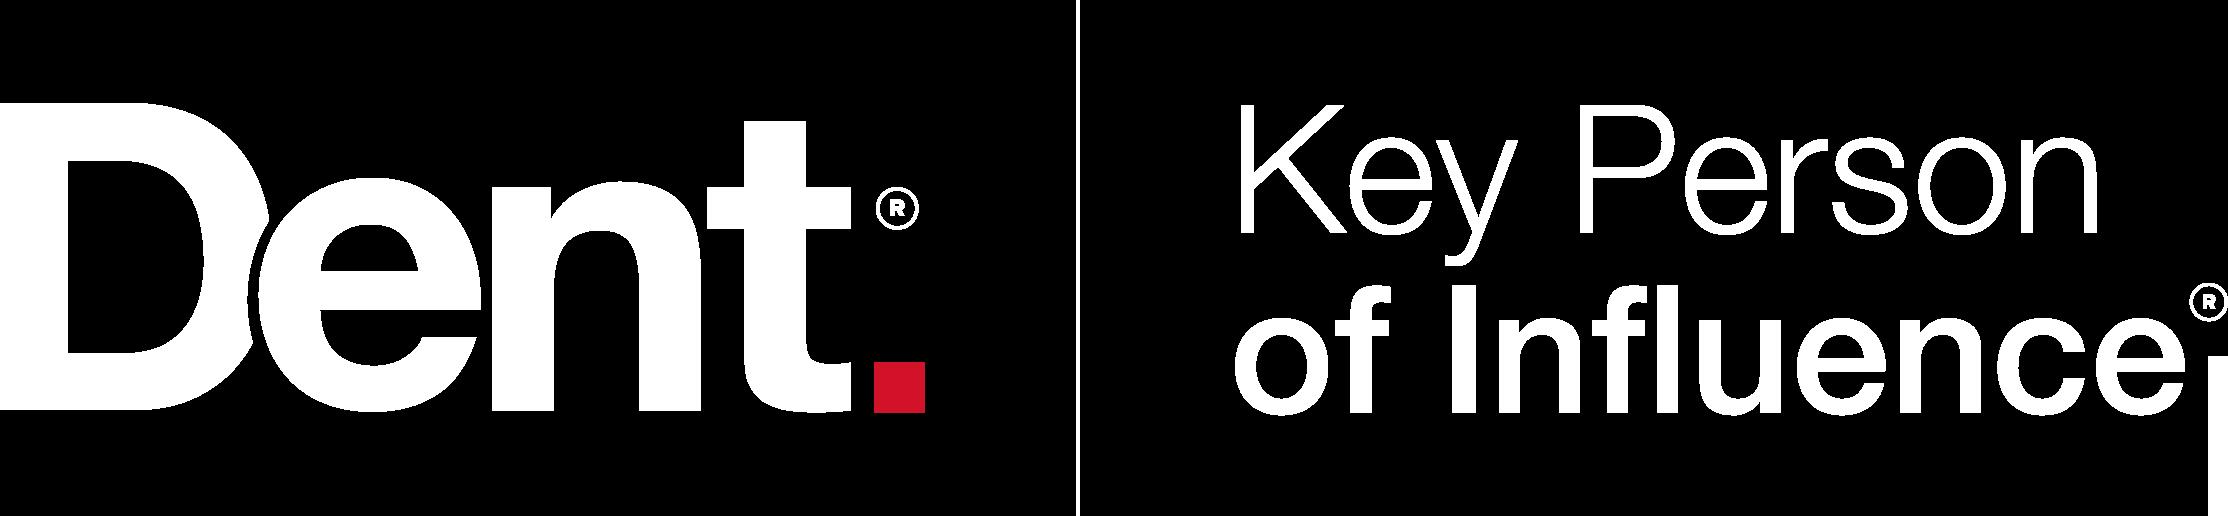 02_Dent_KPI_Logo_white_full.png